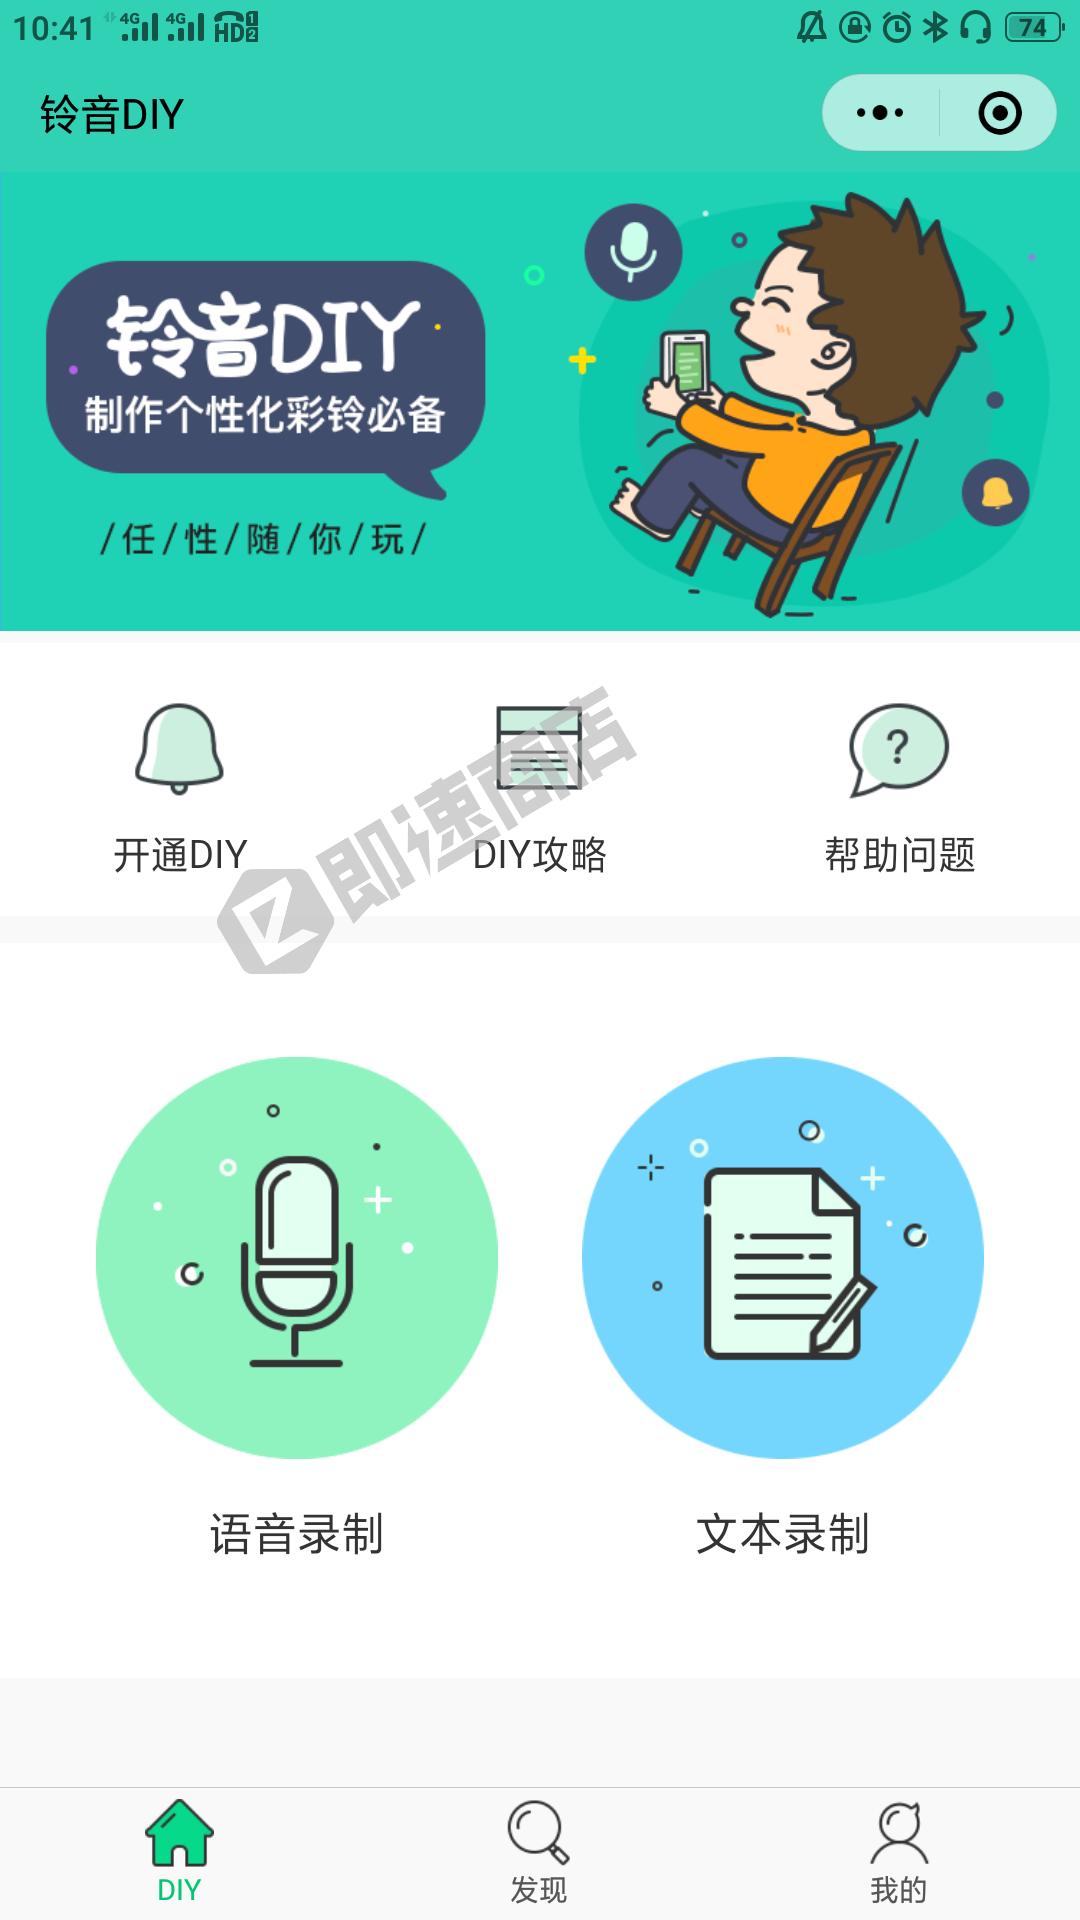 铃音DIY小程序详情页截图